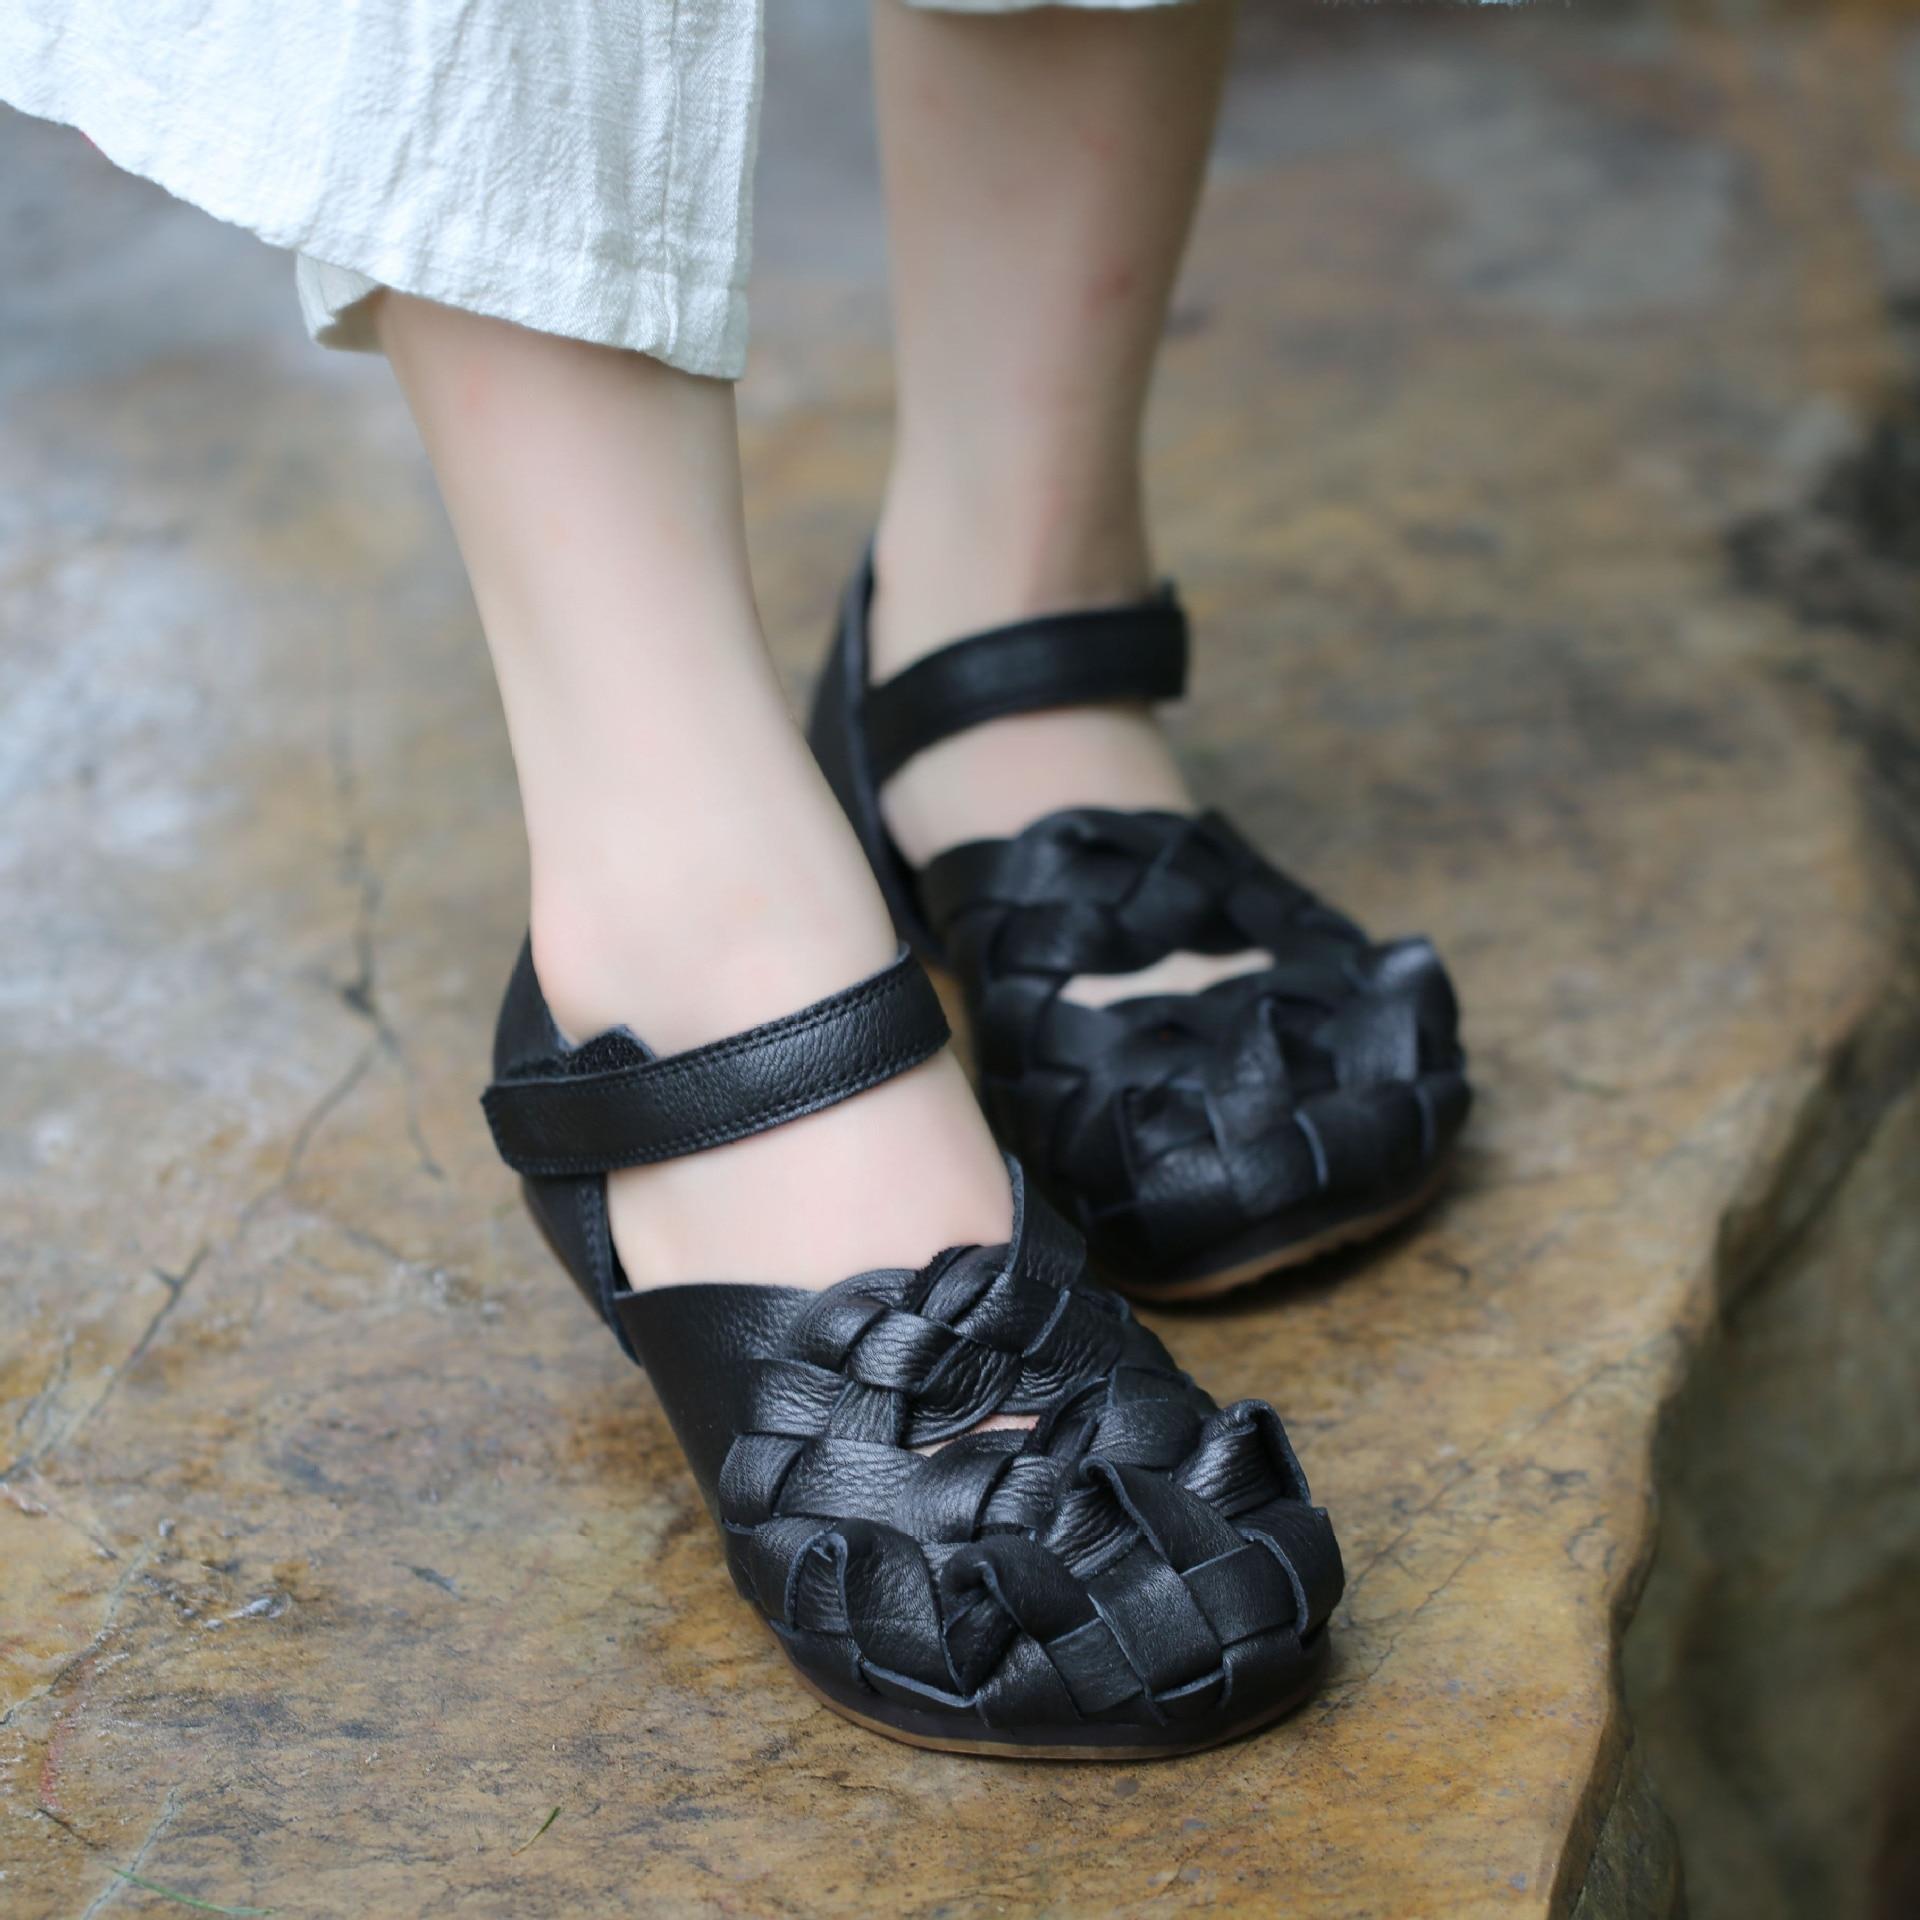 2019 ฤดูใบไม้ผลิใหม่มาถึงผู้หญิงหนังแบนรองเท้าข้อเท้า Handmade ทอรองเท้านิ้วเท้า Vintage Ladies Flats-ใน รองเท้าส้นเตี้ยสตรี จาก รองเท้า บน   1